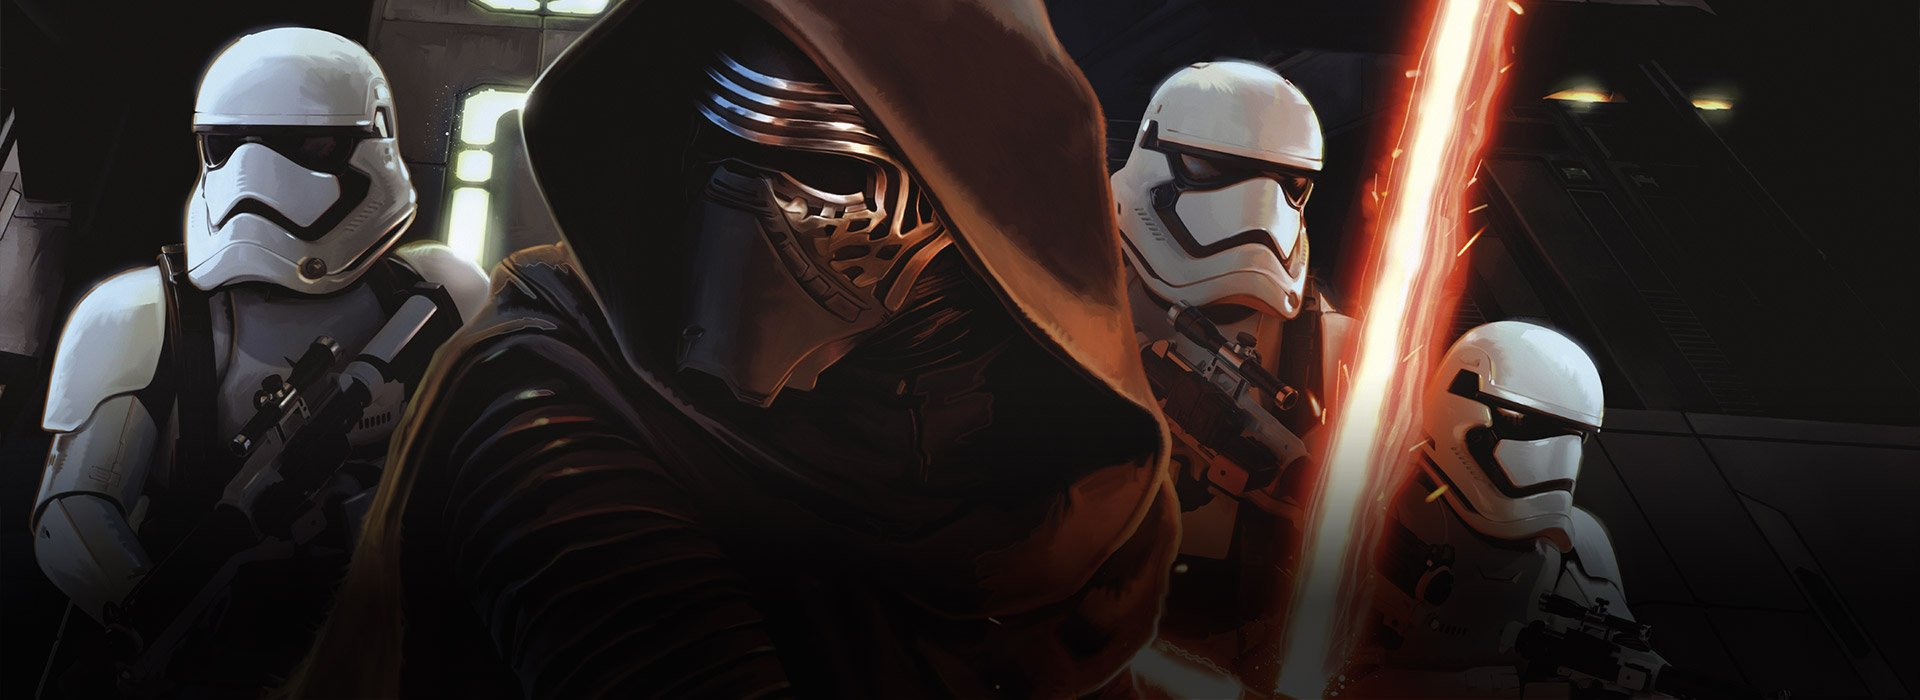 """Это было звездато. Рецензия на """"Звёздные войны: Пробуждение силы"""". - Изображение 7"""